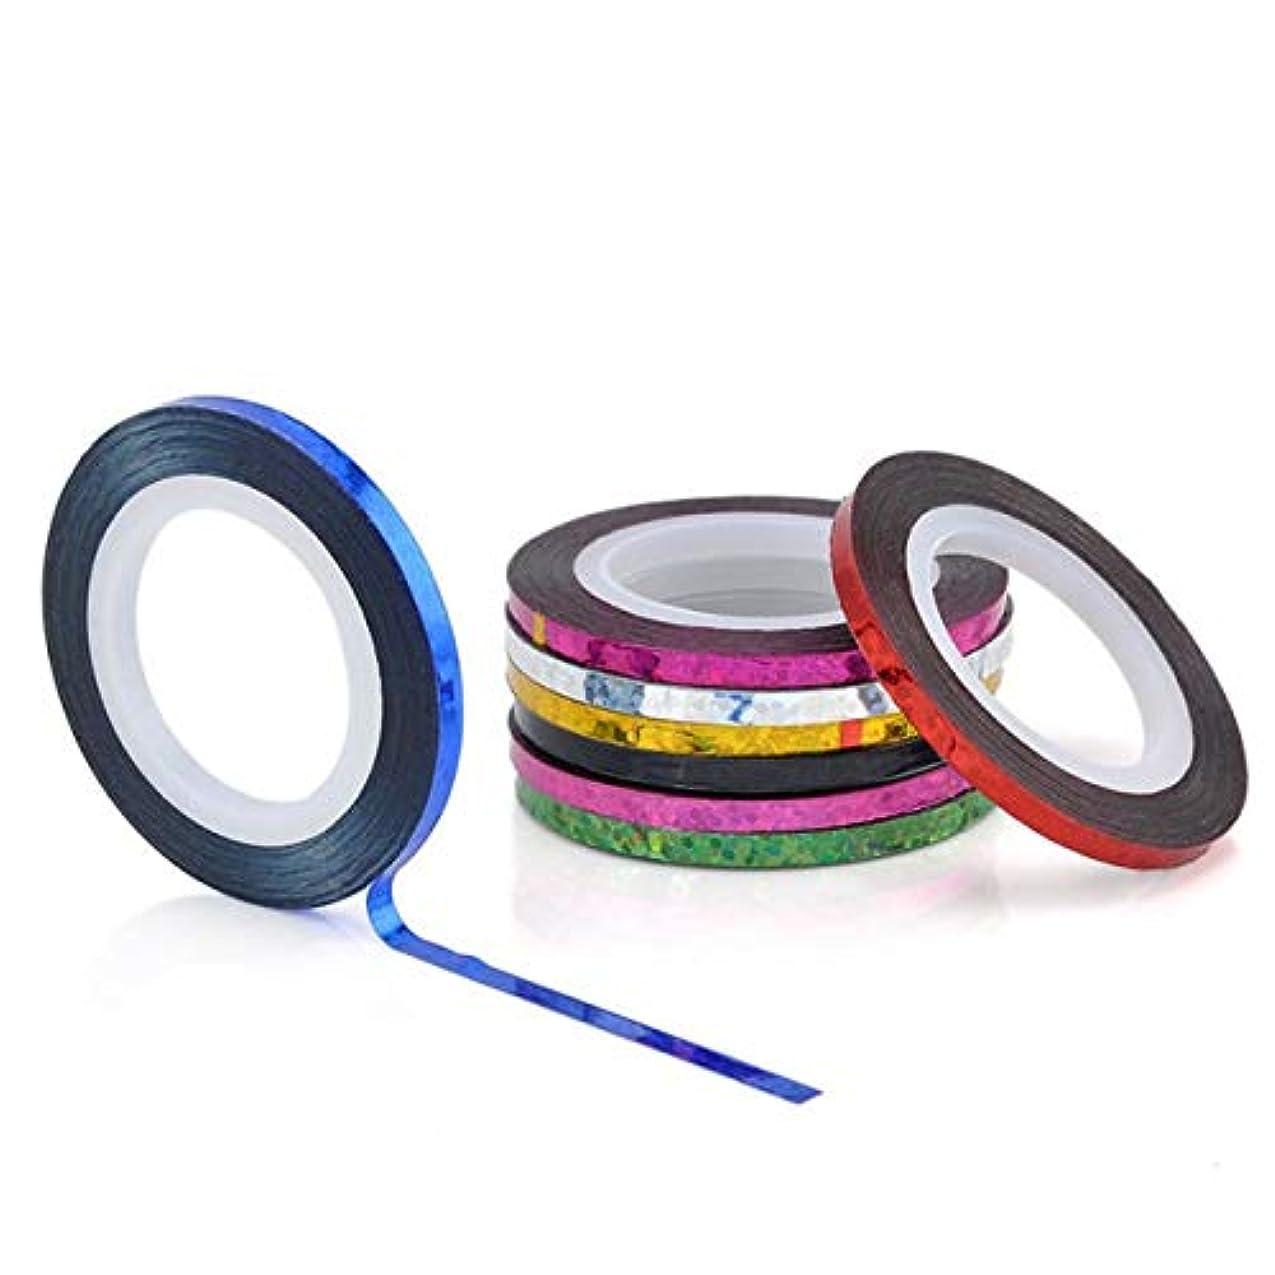 晴れ下品コイルサリーの店 ネイルジュエリーステッカーを使用してネイルテープステッカー(None 8 color random 2mm)